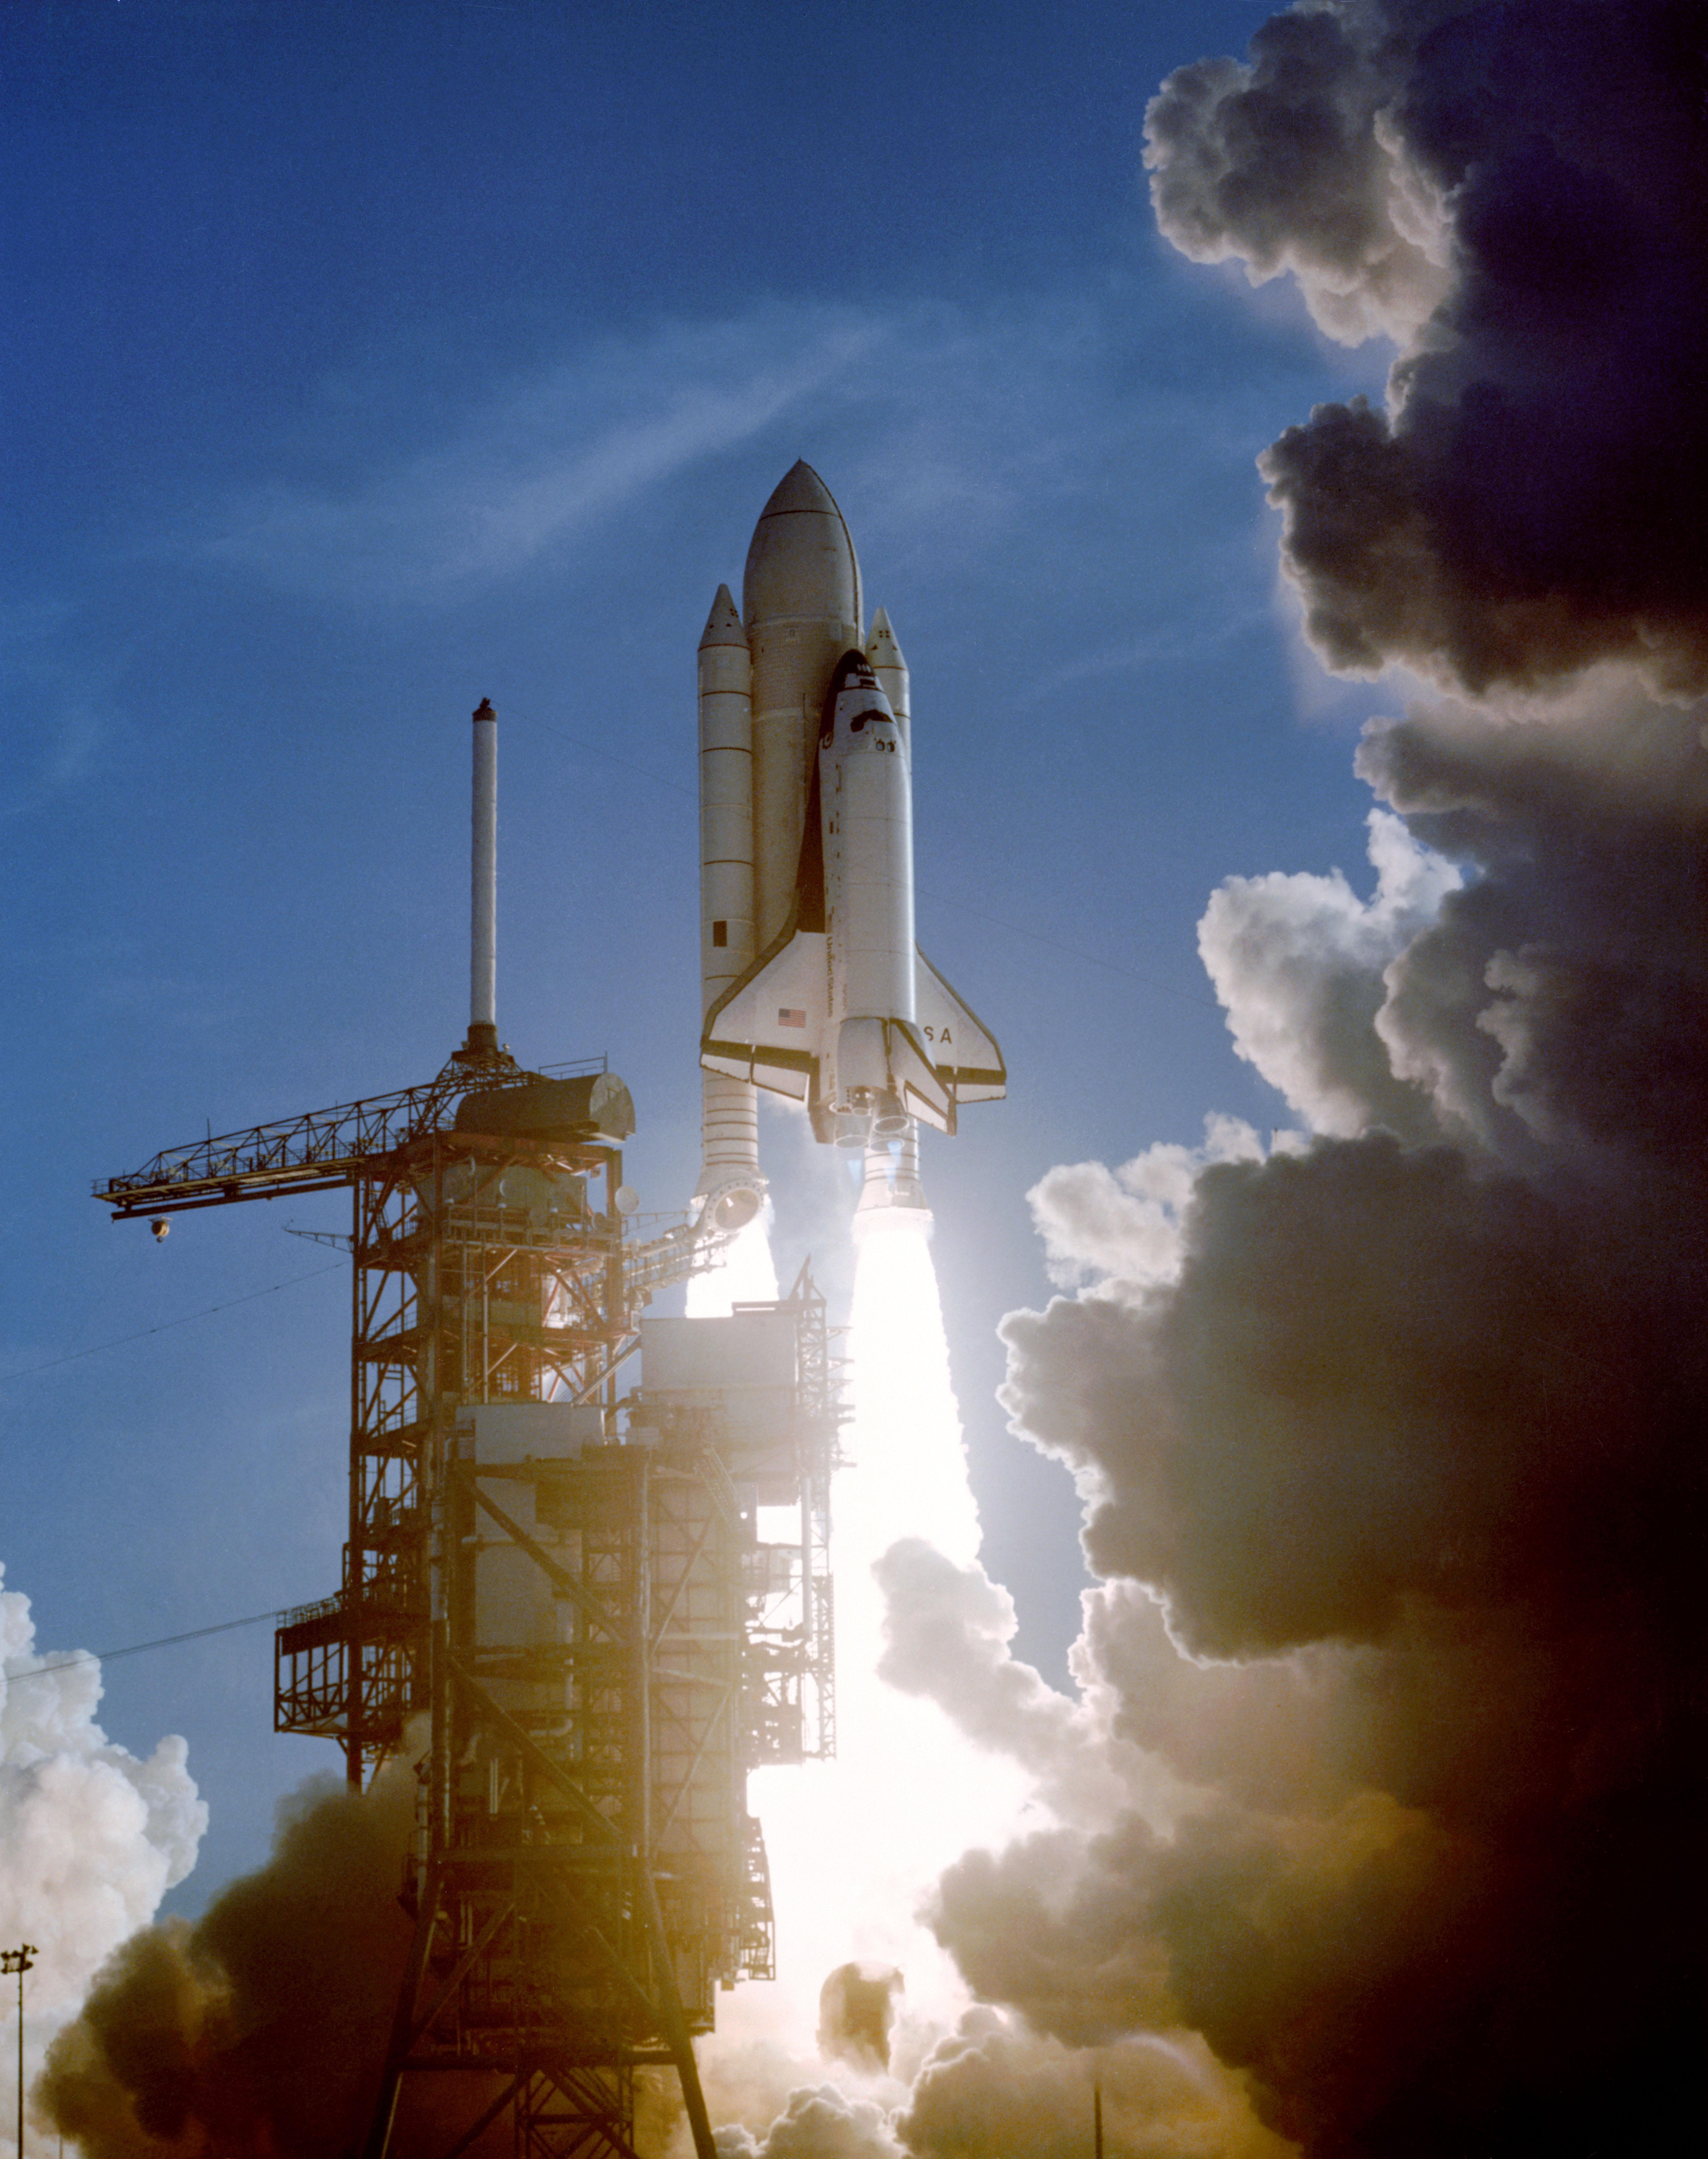 rocket space coast image - HD5796×7326